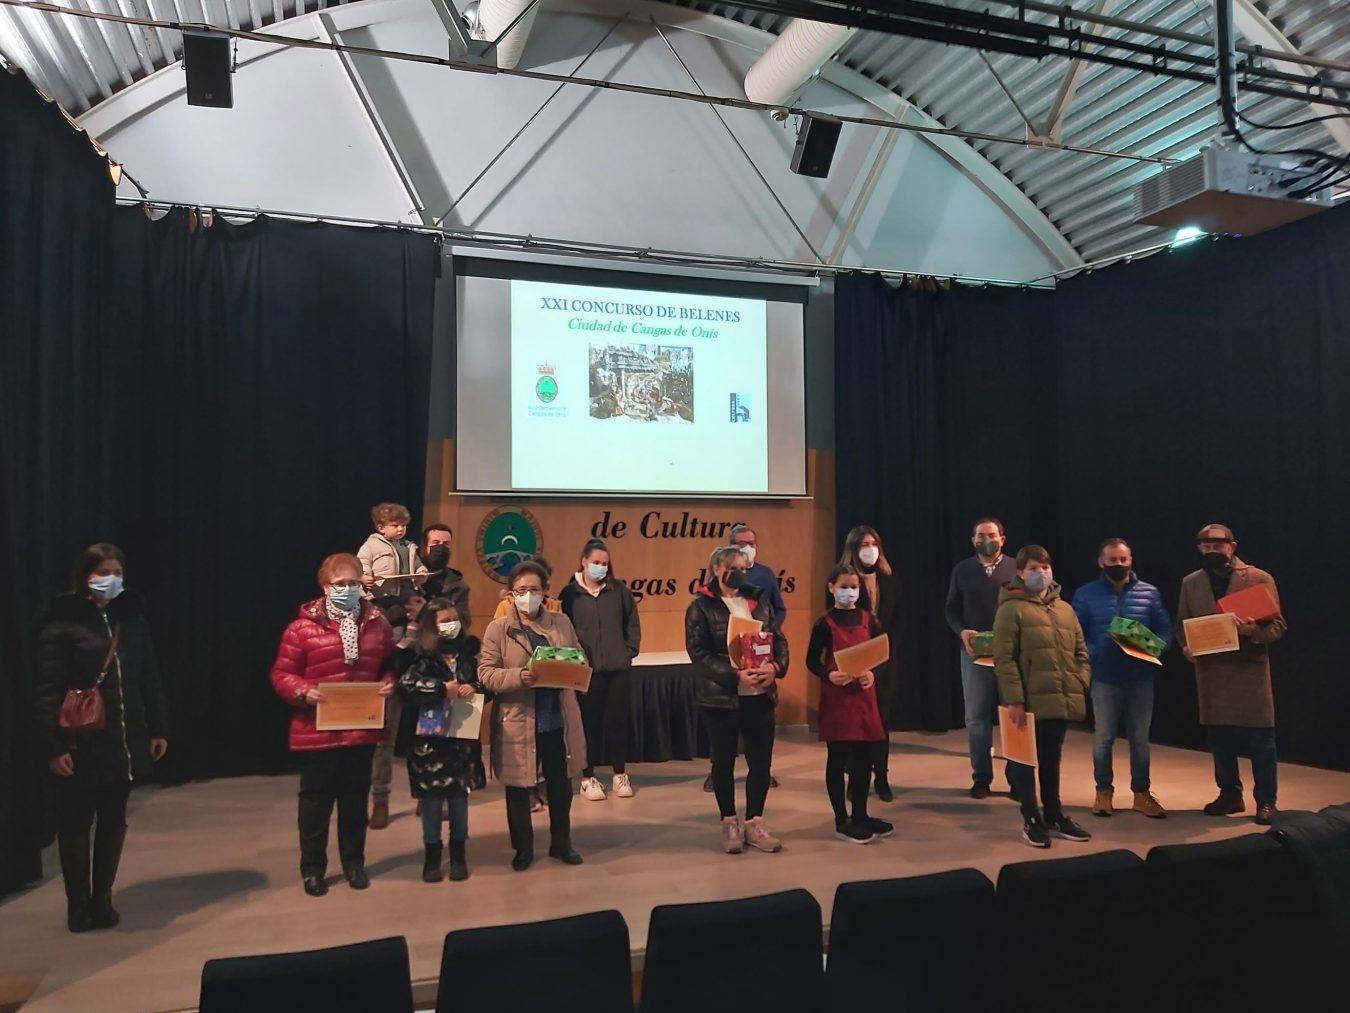 Fallados los premios del XXI Concurso de Belenes Ciudad de Cangas de Onís